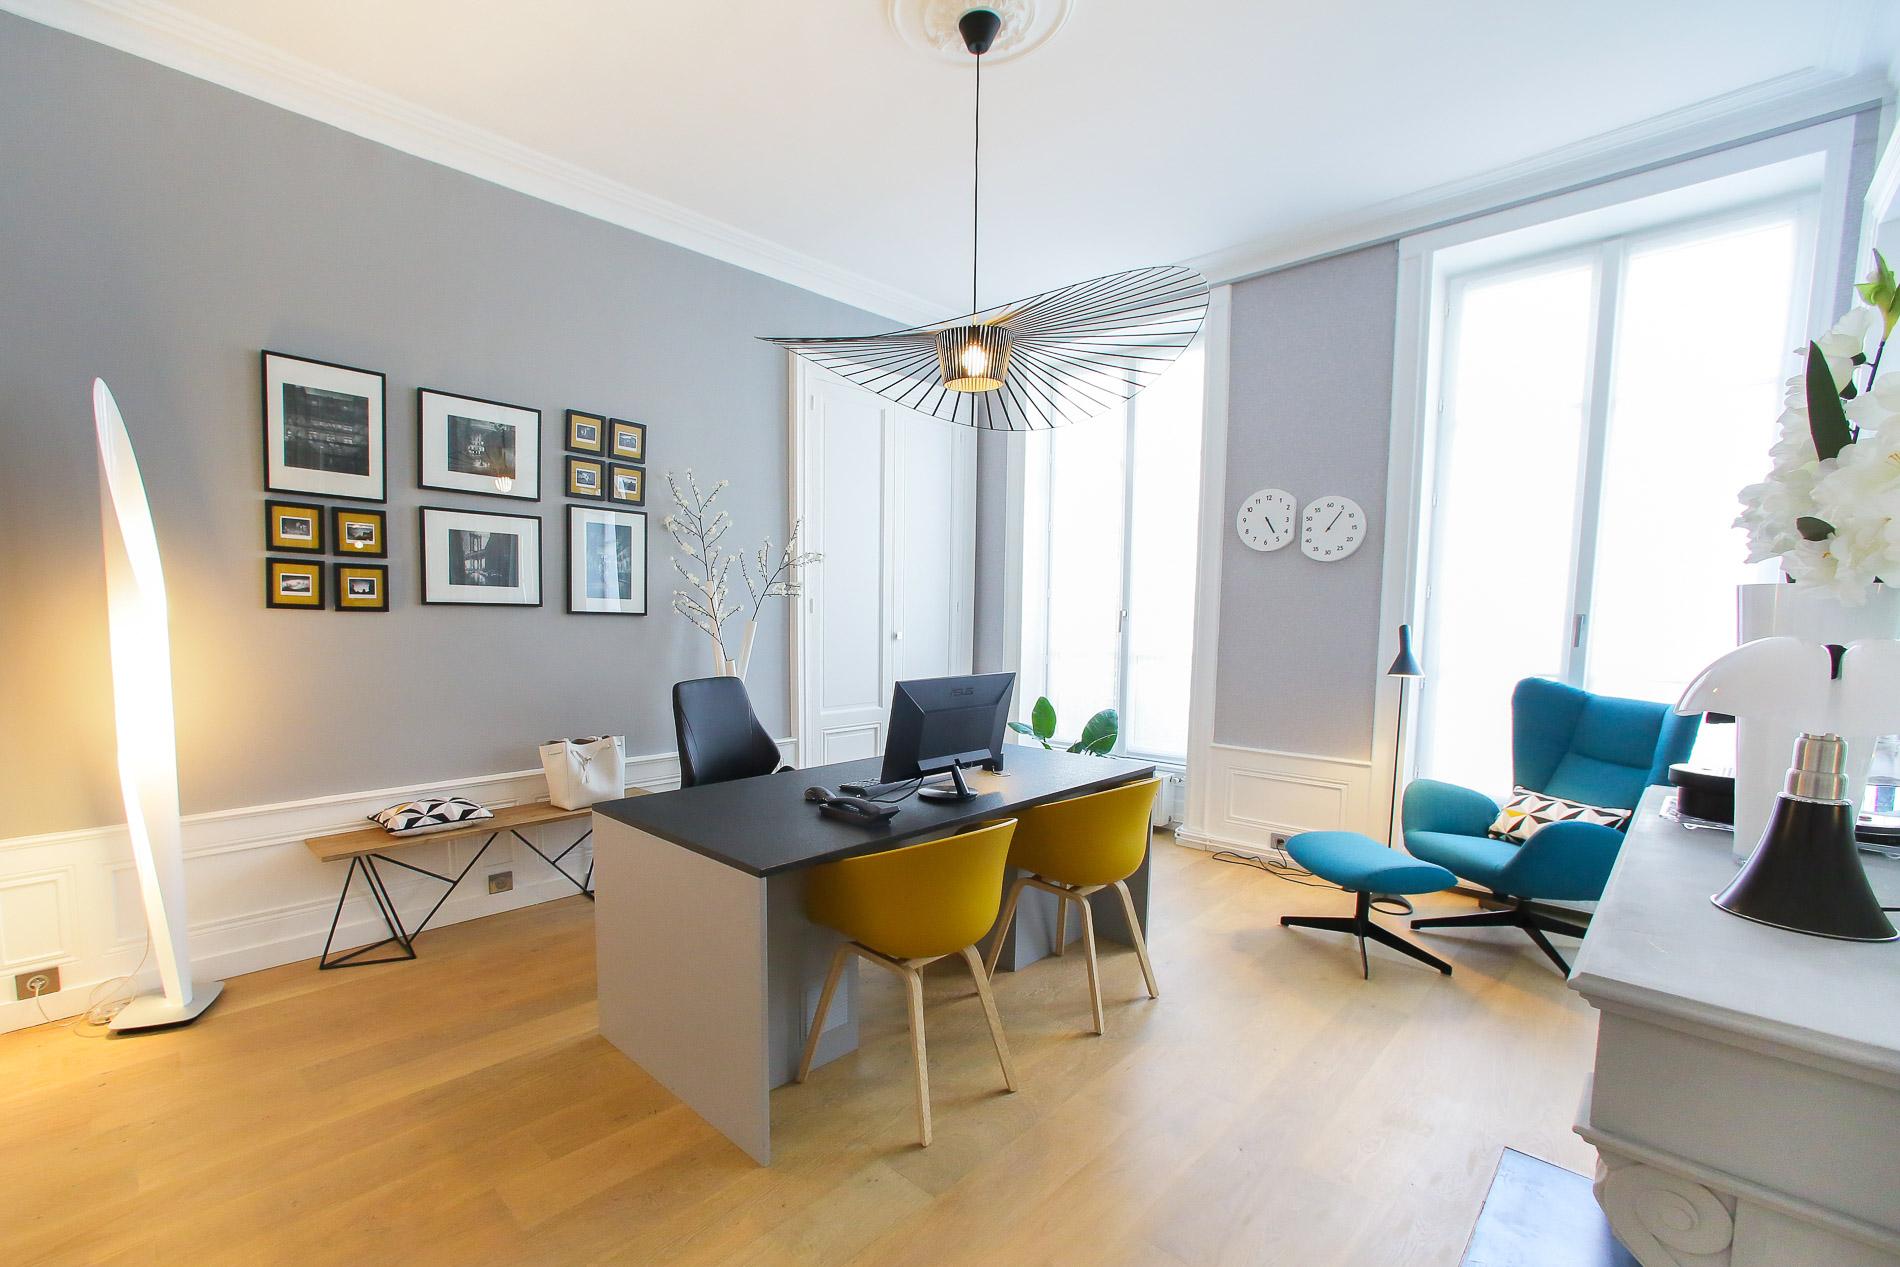 tapisserie lyon papier peint bleu marine tapisserie pour. Black Bedroom Furniture Sets. Home Design Ideas